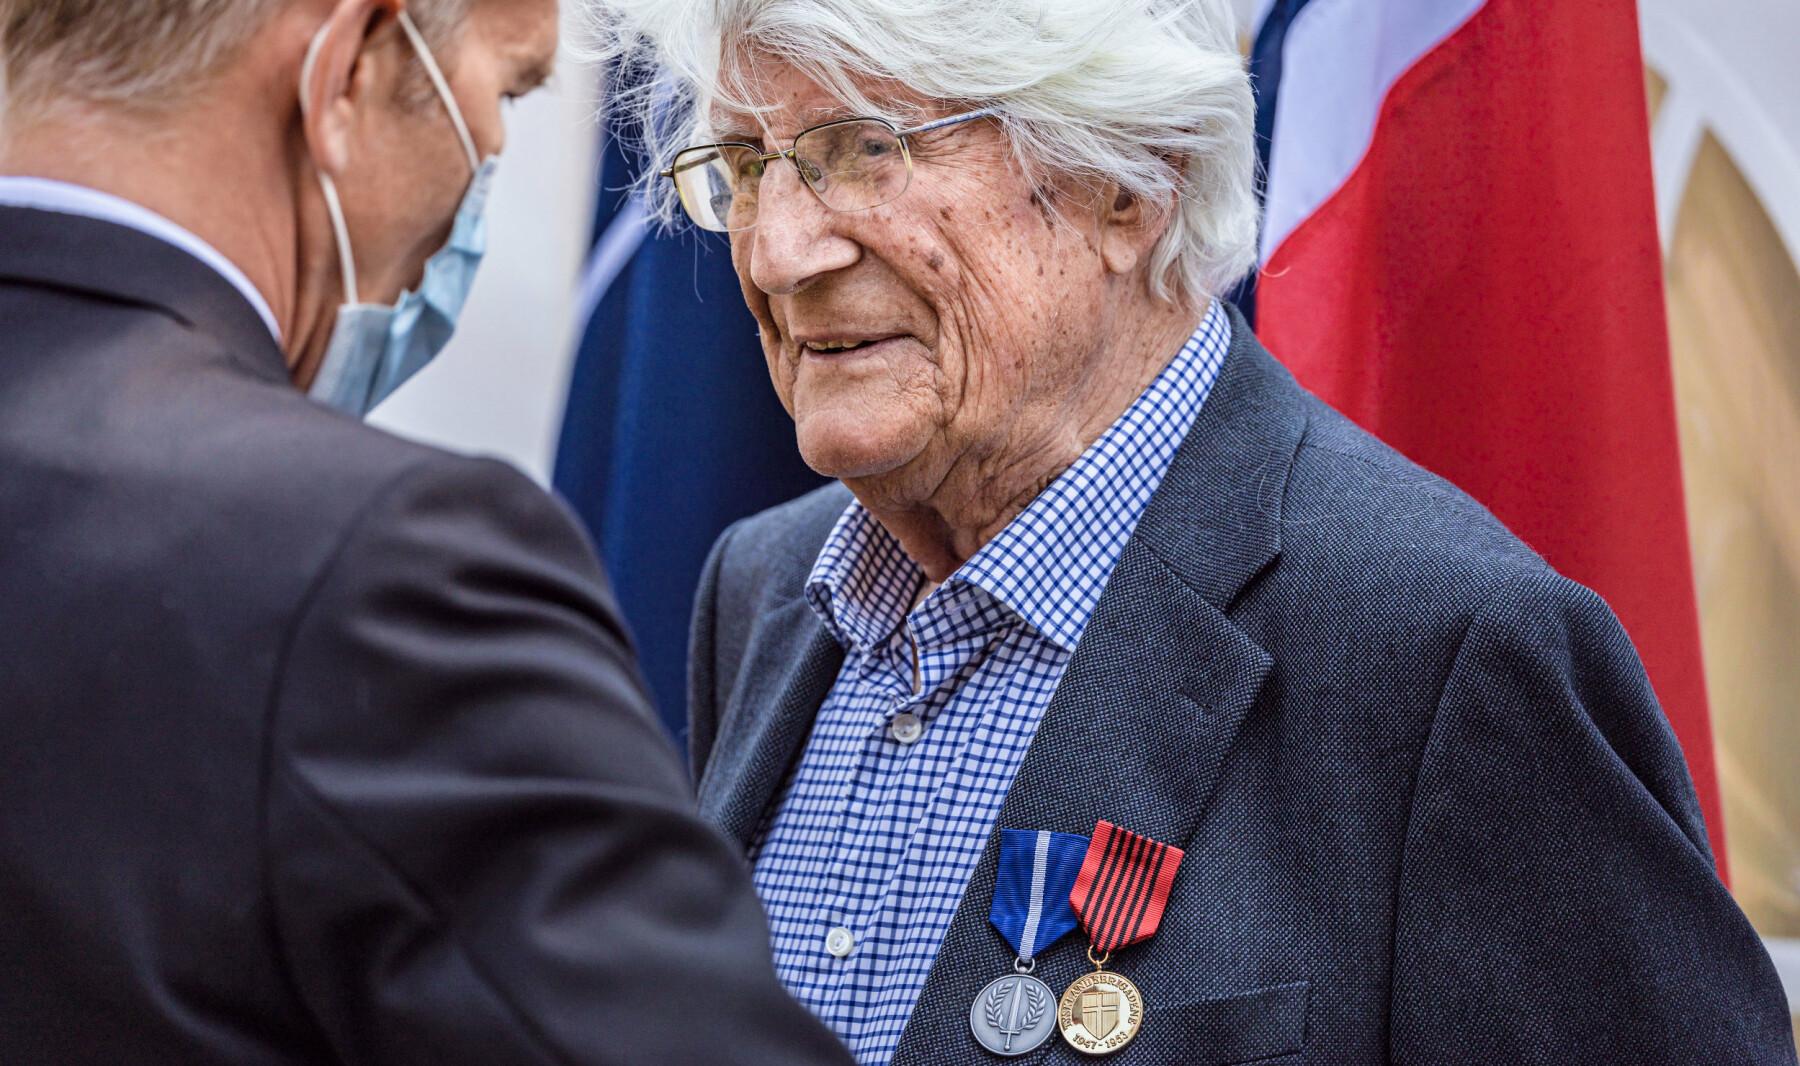 Utdeling av medaljer til veteraner fra Tysklandsbrigaden. John Jakob Texmon (mye, hvitt hår), Arne Johan Eliassen (lyseblå beret) og Tor Anton Johannessen.